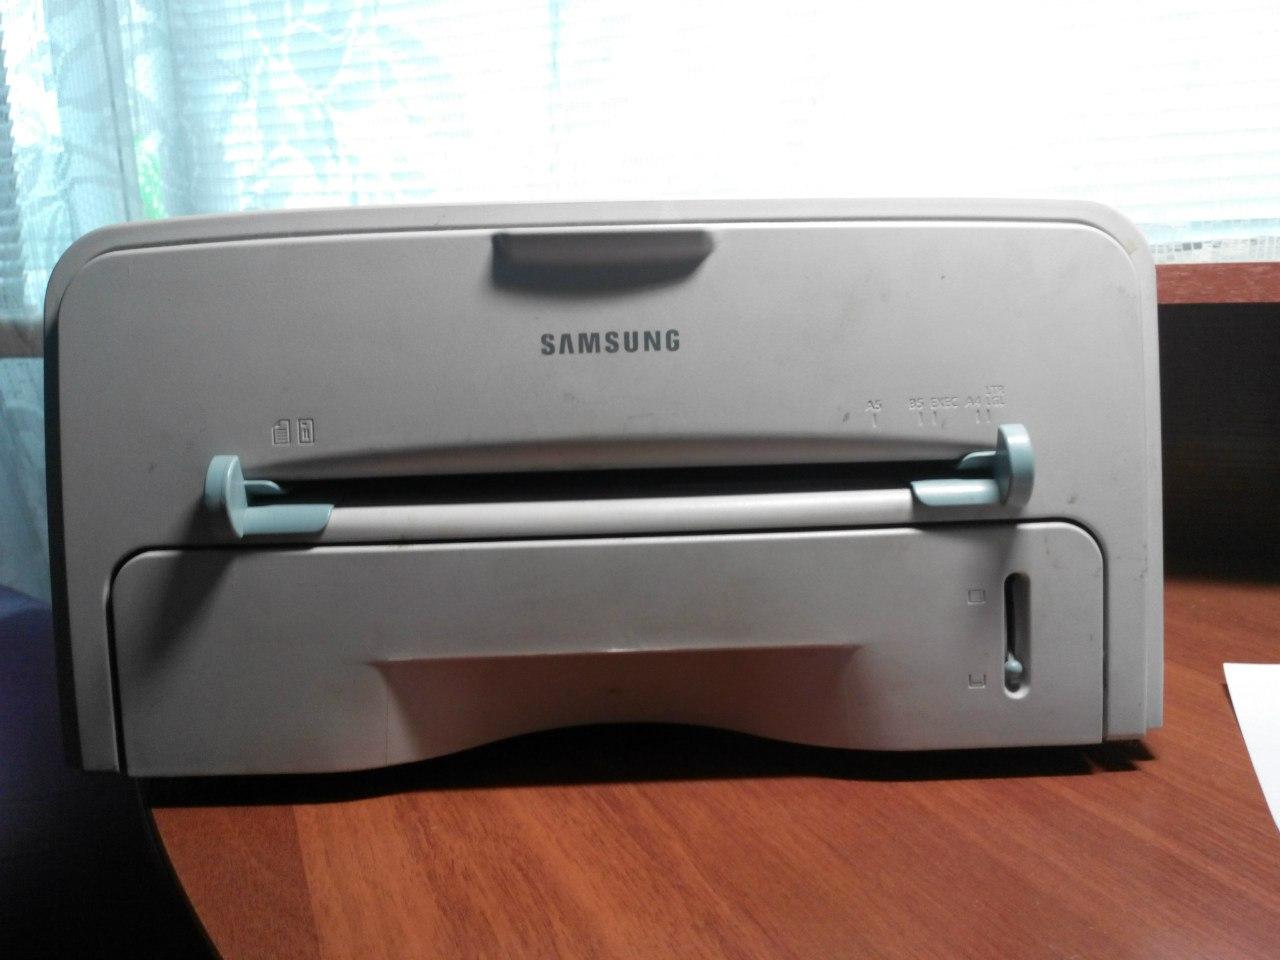 Драйвер на принтер samsung ml-1520p скачать бесплатно найдено в.